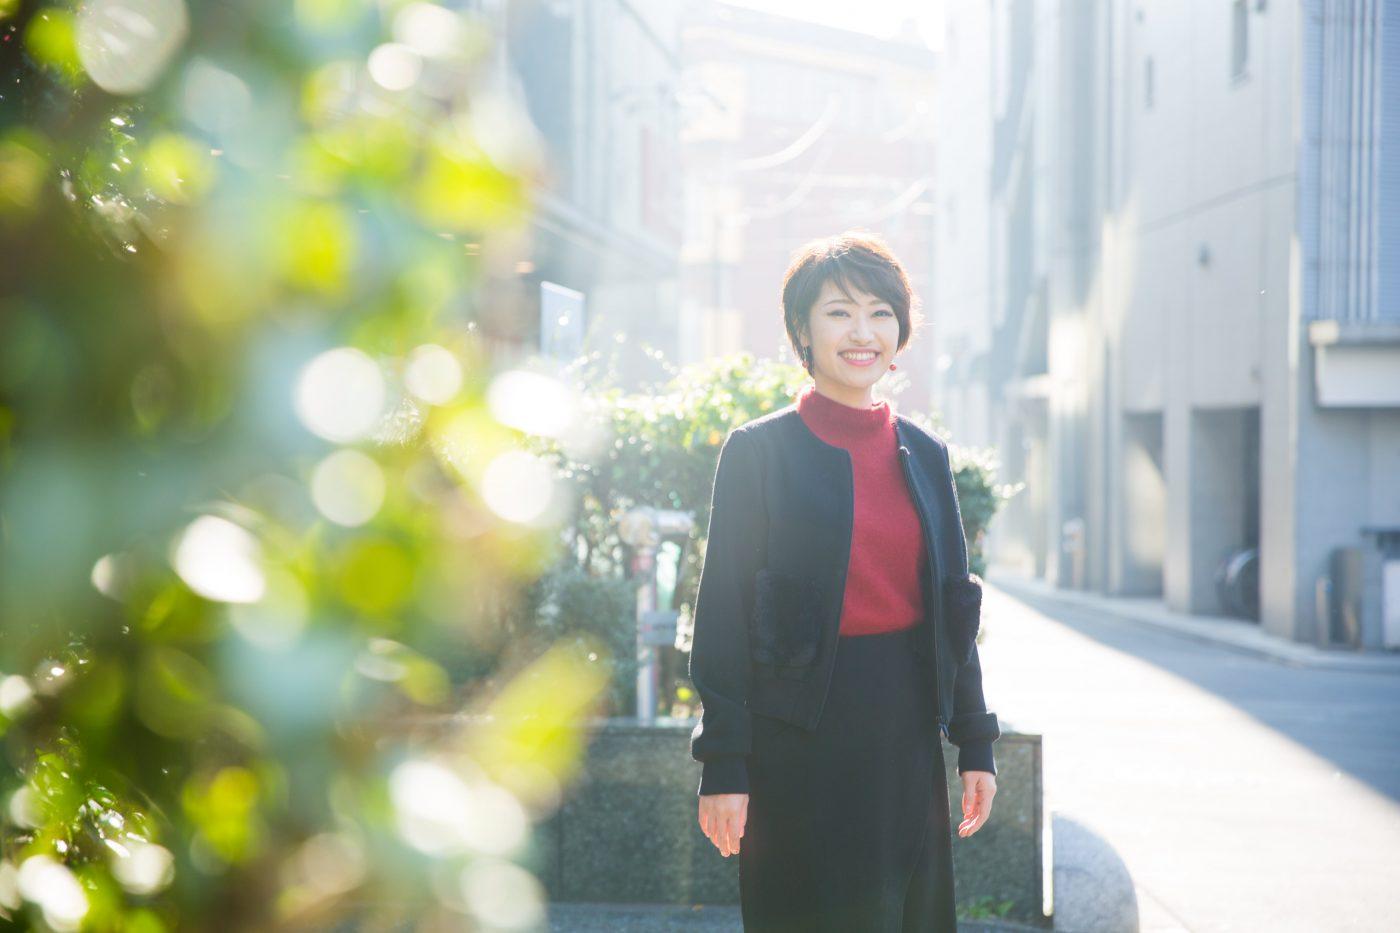 2011年3月に、日本で初めてのクラウドファンディングとして誕生したサービスがある。名前を「Readyfor」という。個人から個人・事業会社・プロジェクトへの支援を可能にする仕組みとして、現在はあらゆる場面で利用されている。